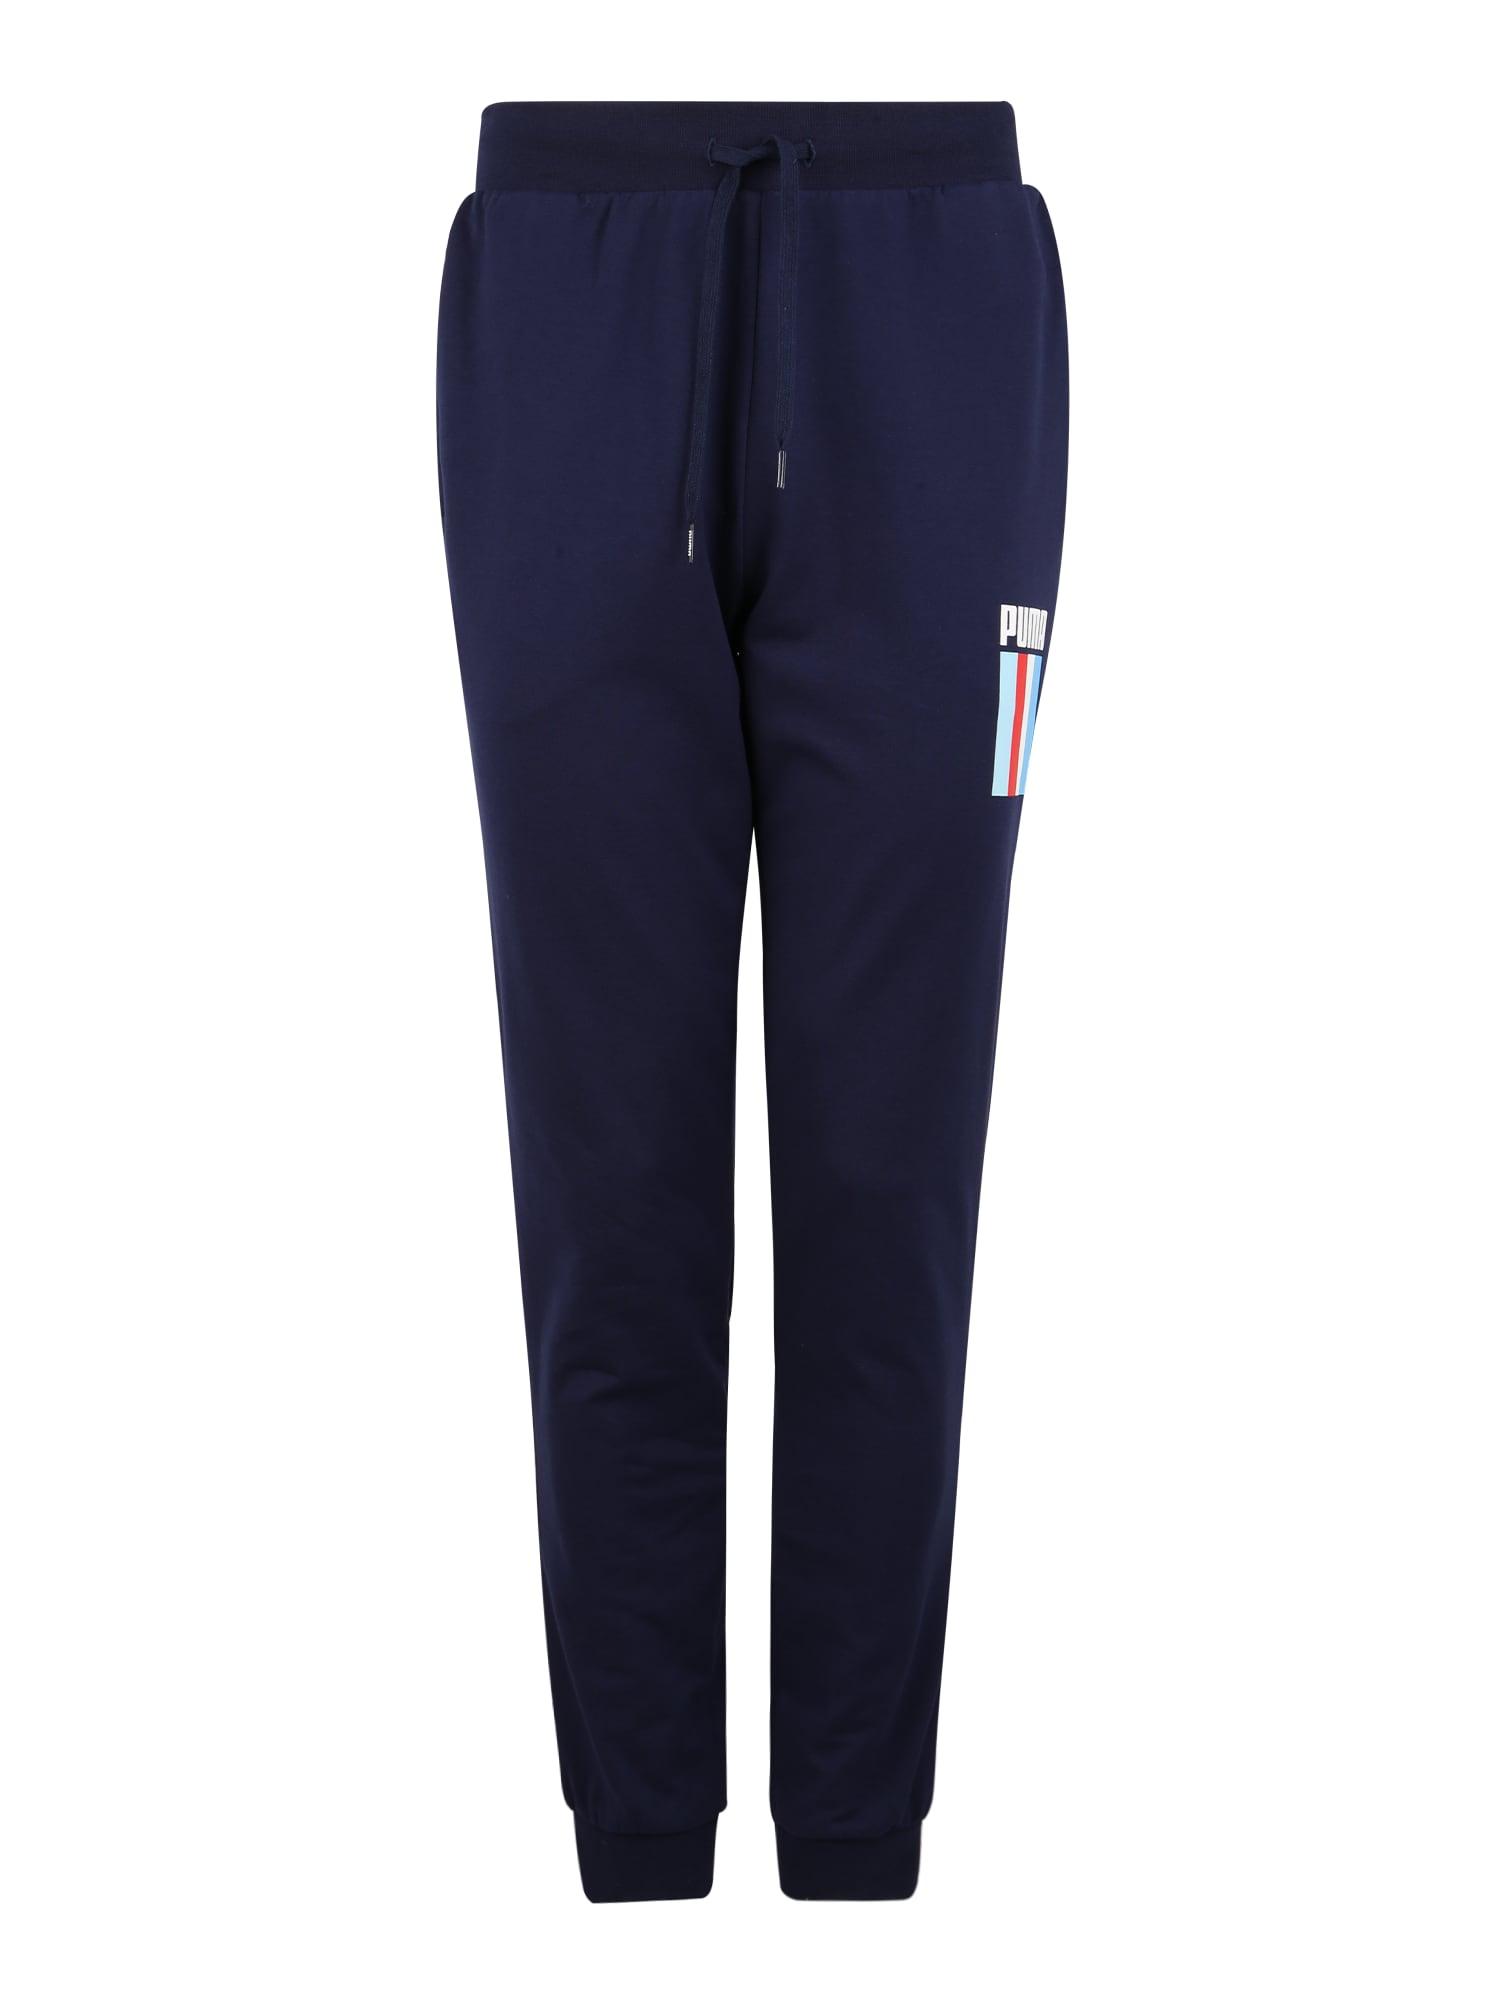 PUMA Sportinės kelnės 'CELEBRATION' tamsiai mėlyna